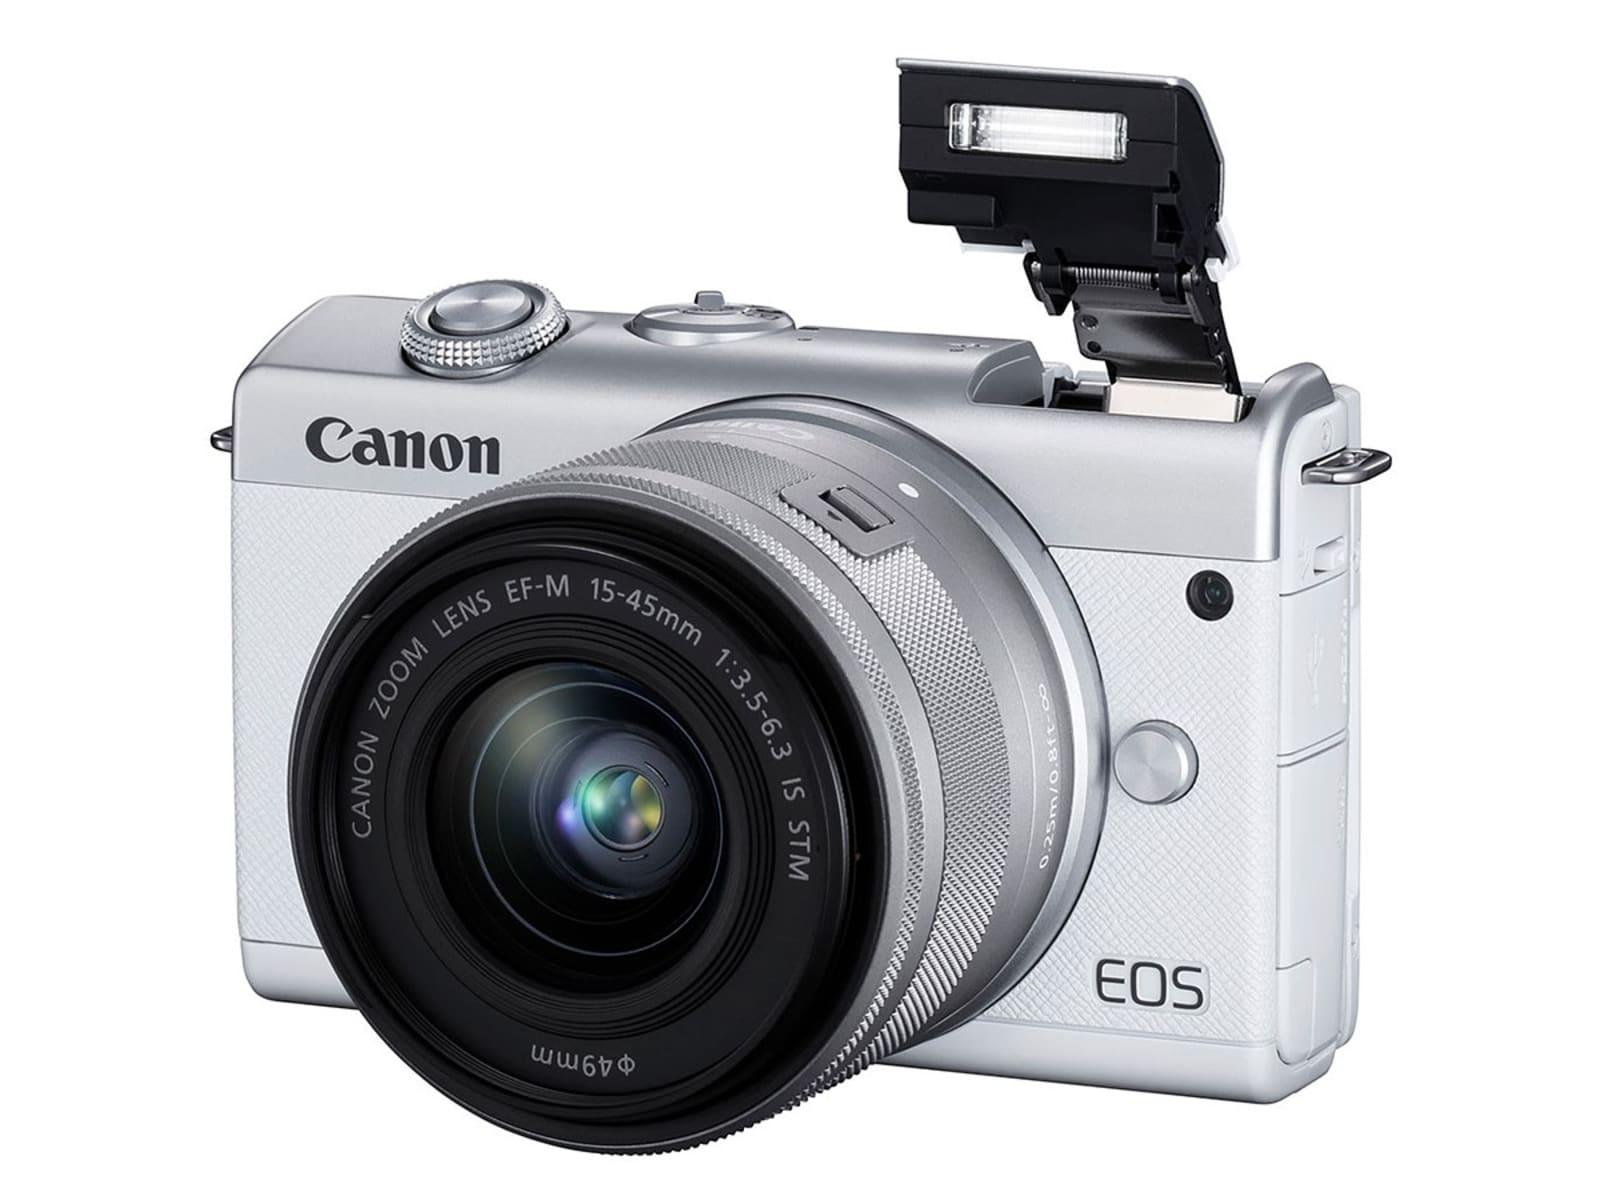 Canon EOS M200 APS-C mirrorless camera